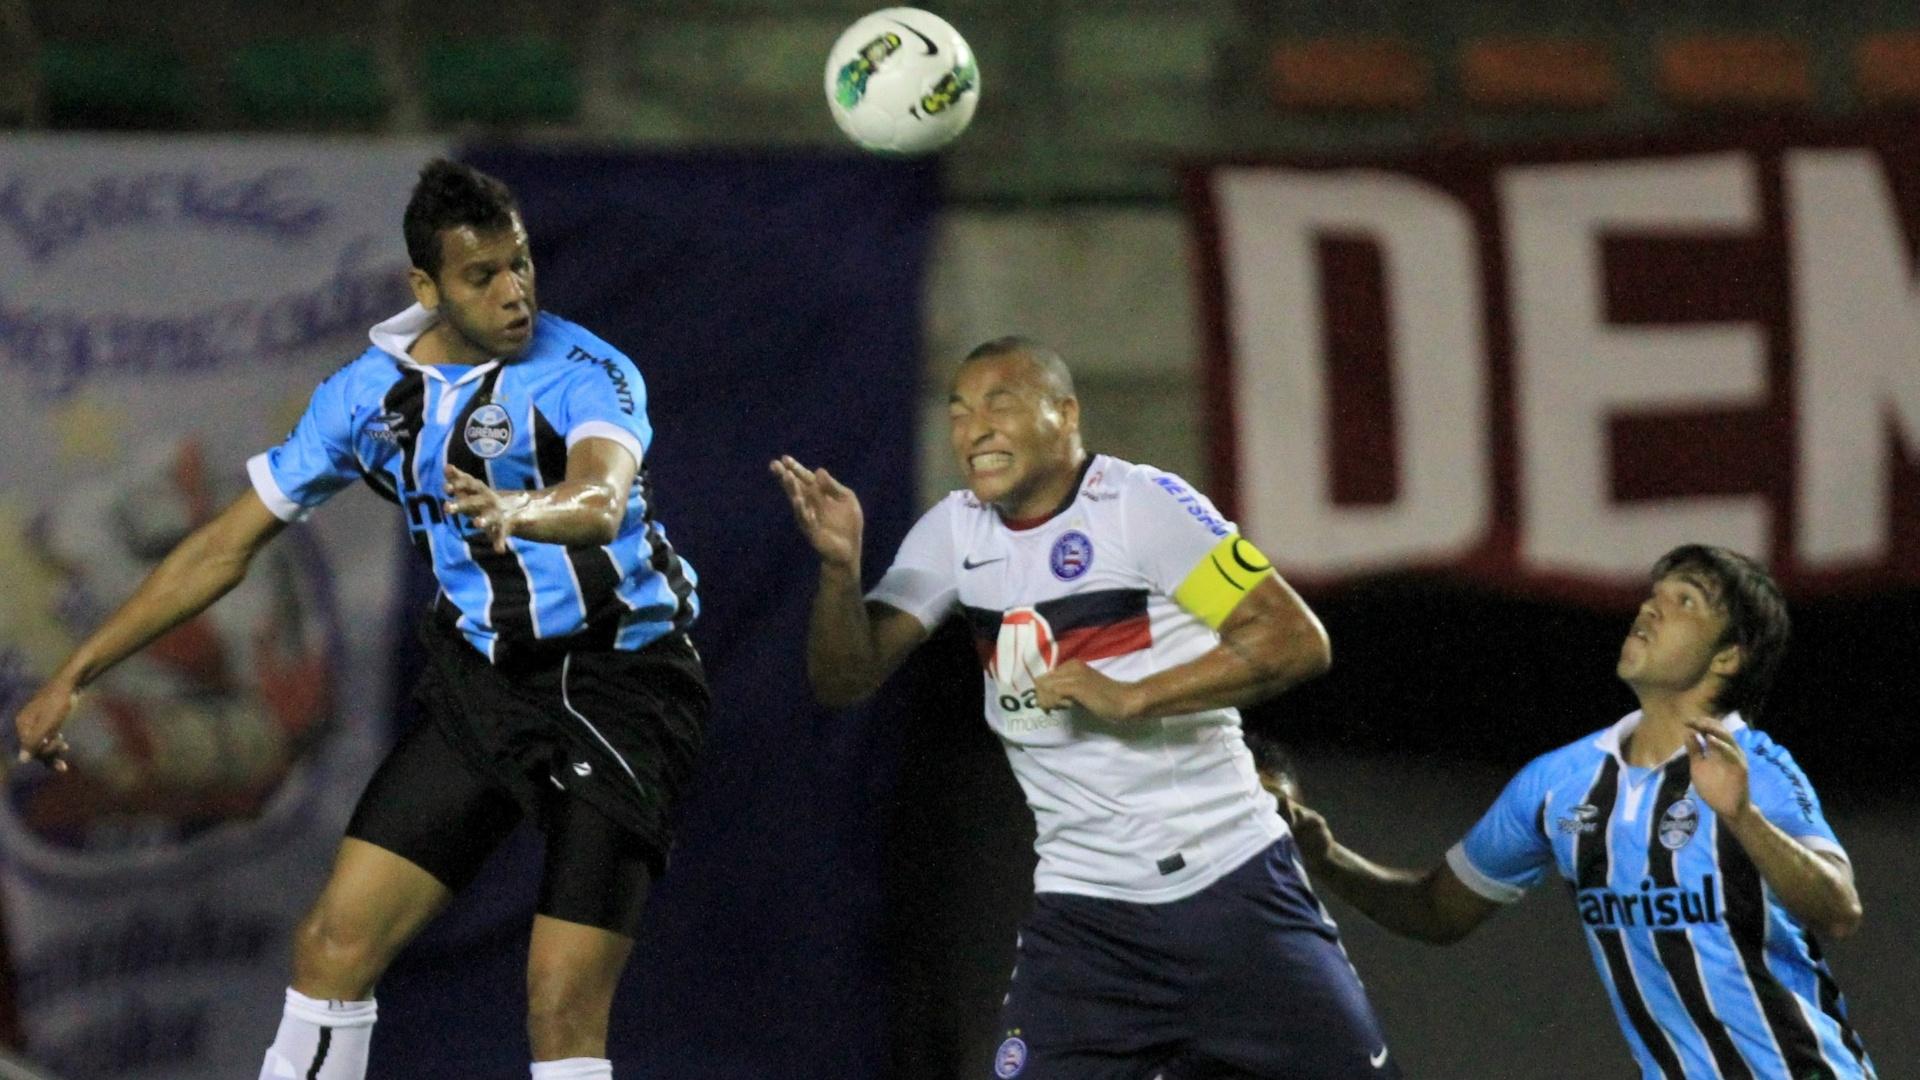 Titi, do Bahia, tenta alcançar a bola entre dois jogadores do Grêmio